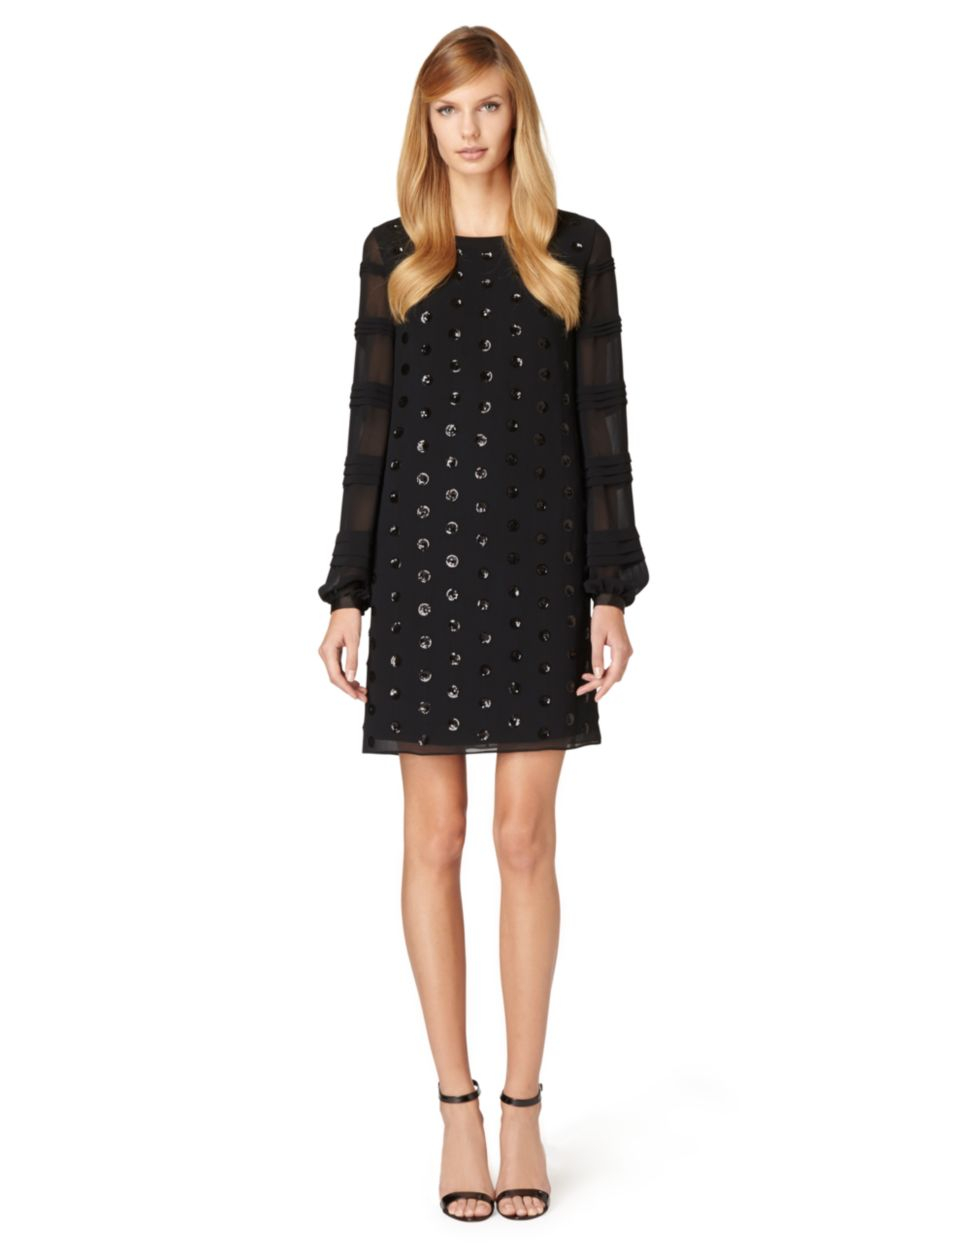 Erin Fetherston Cybill Polka Dot Shift Dress In Black Lyst